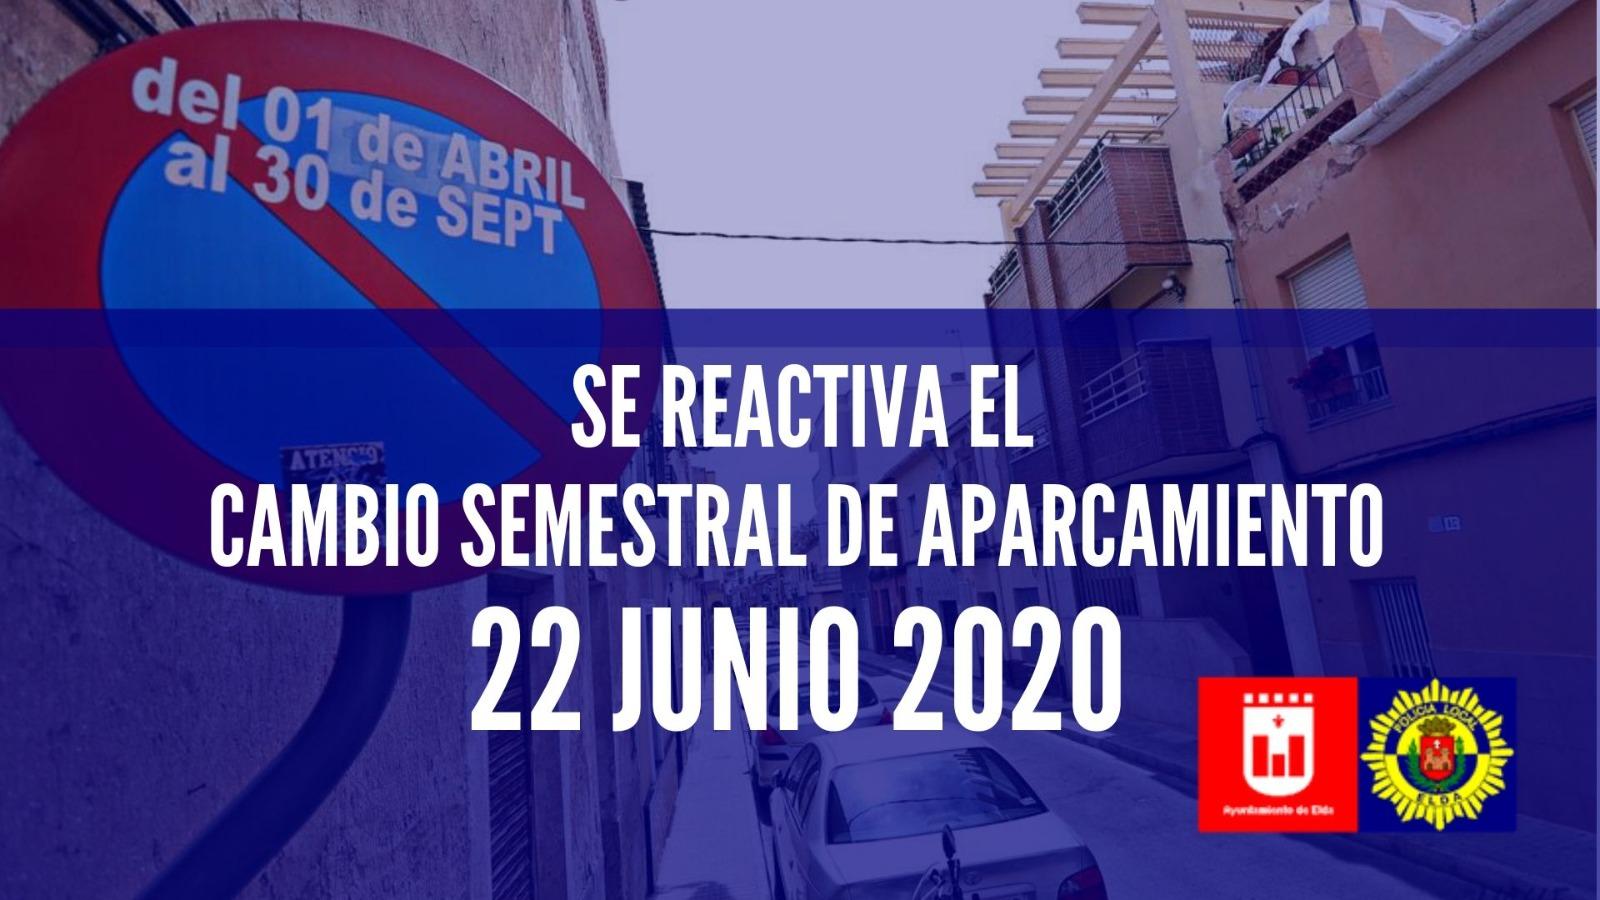 El cambio semestral de aparcamiento se reactiva el próximo 22 de junio con el levantamiento del estado de alarma